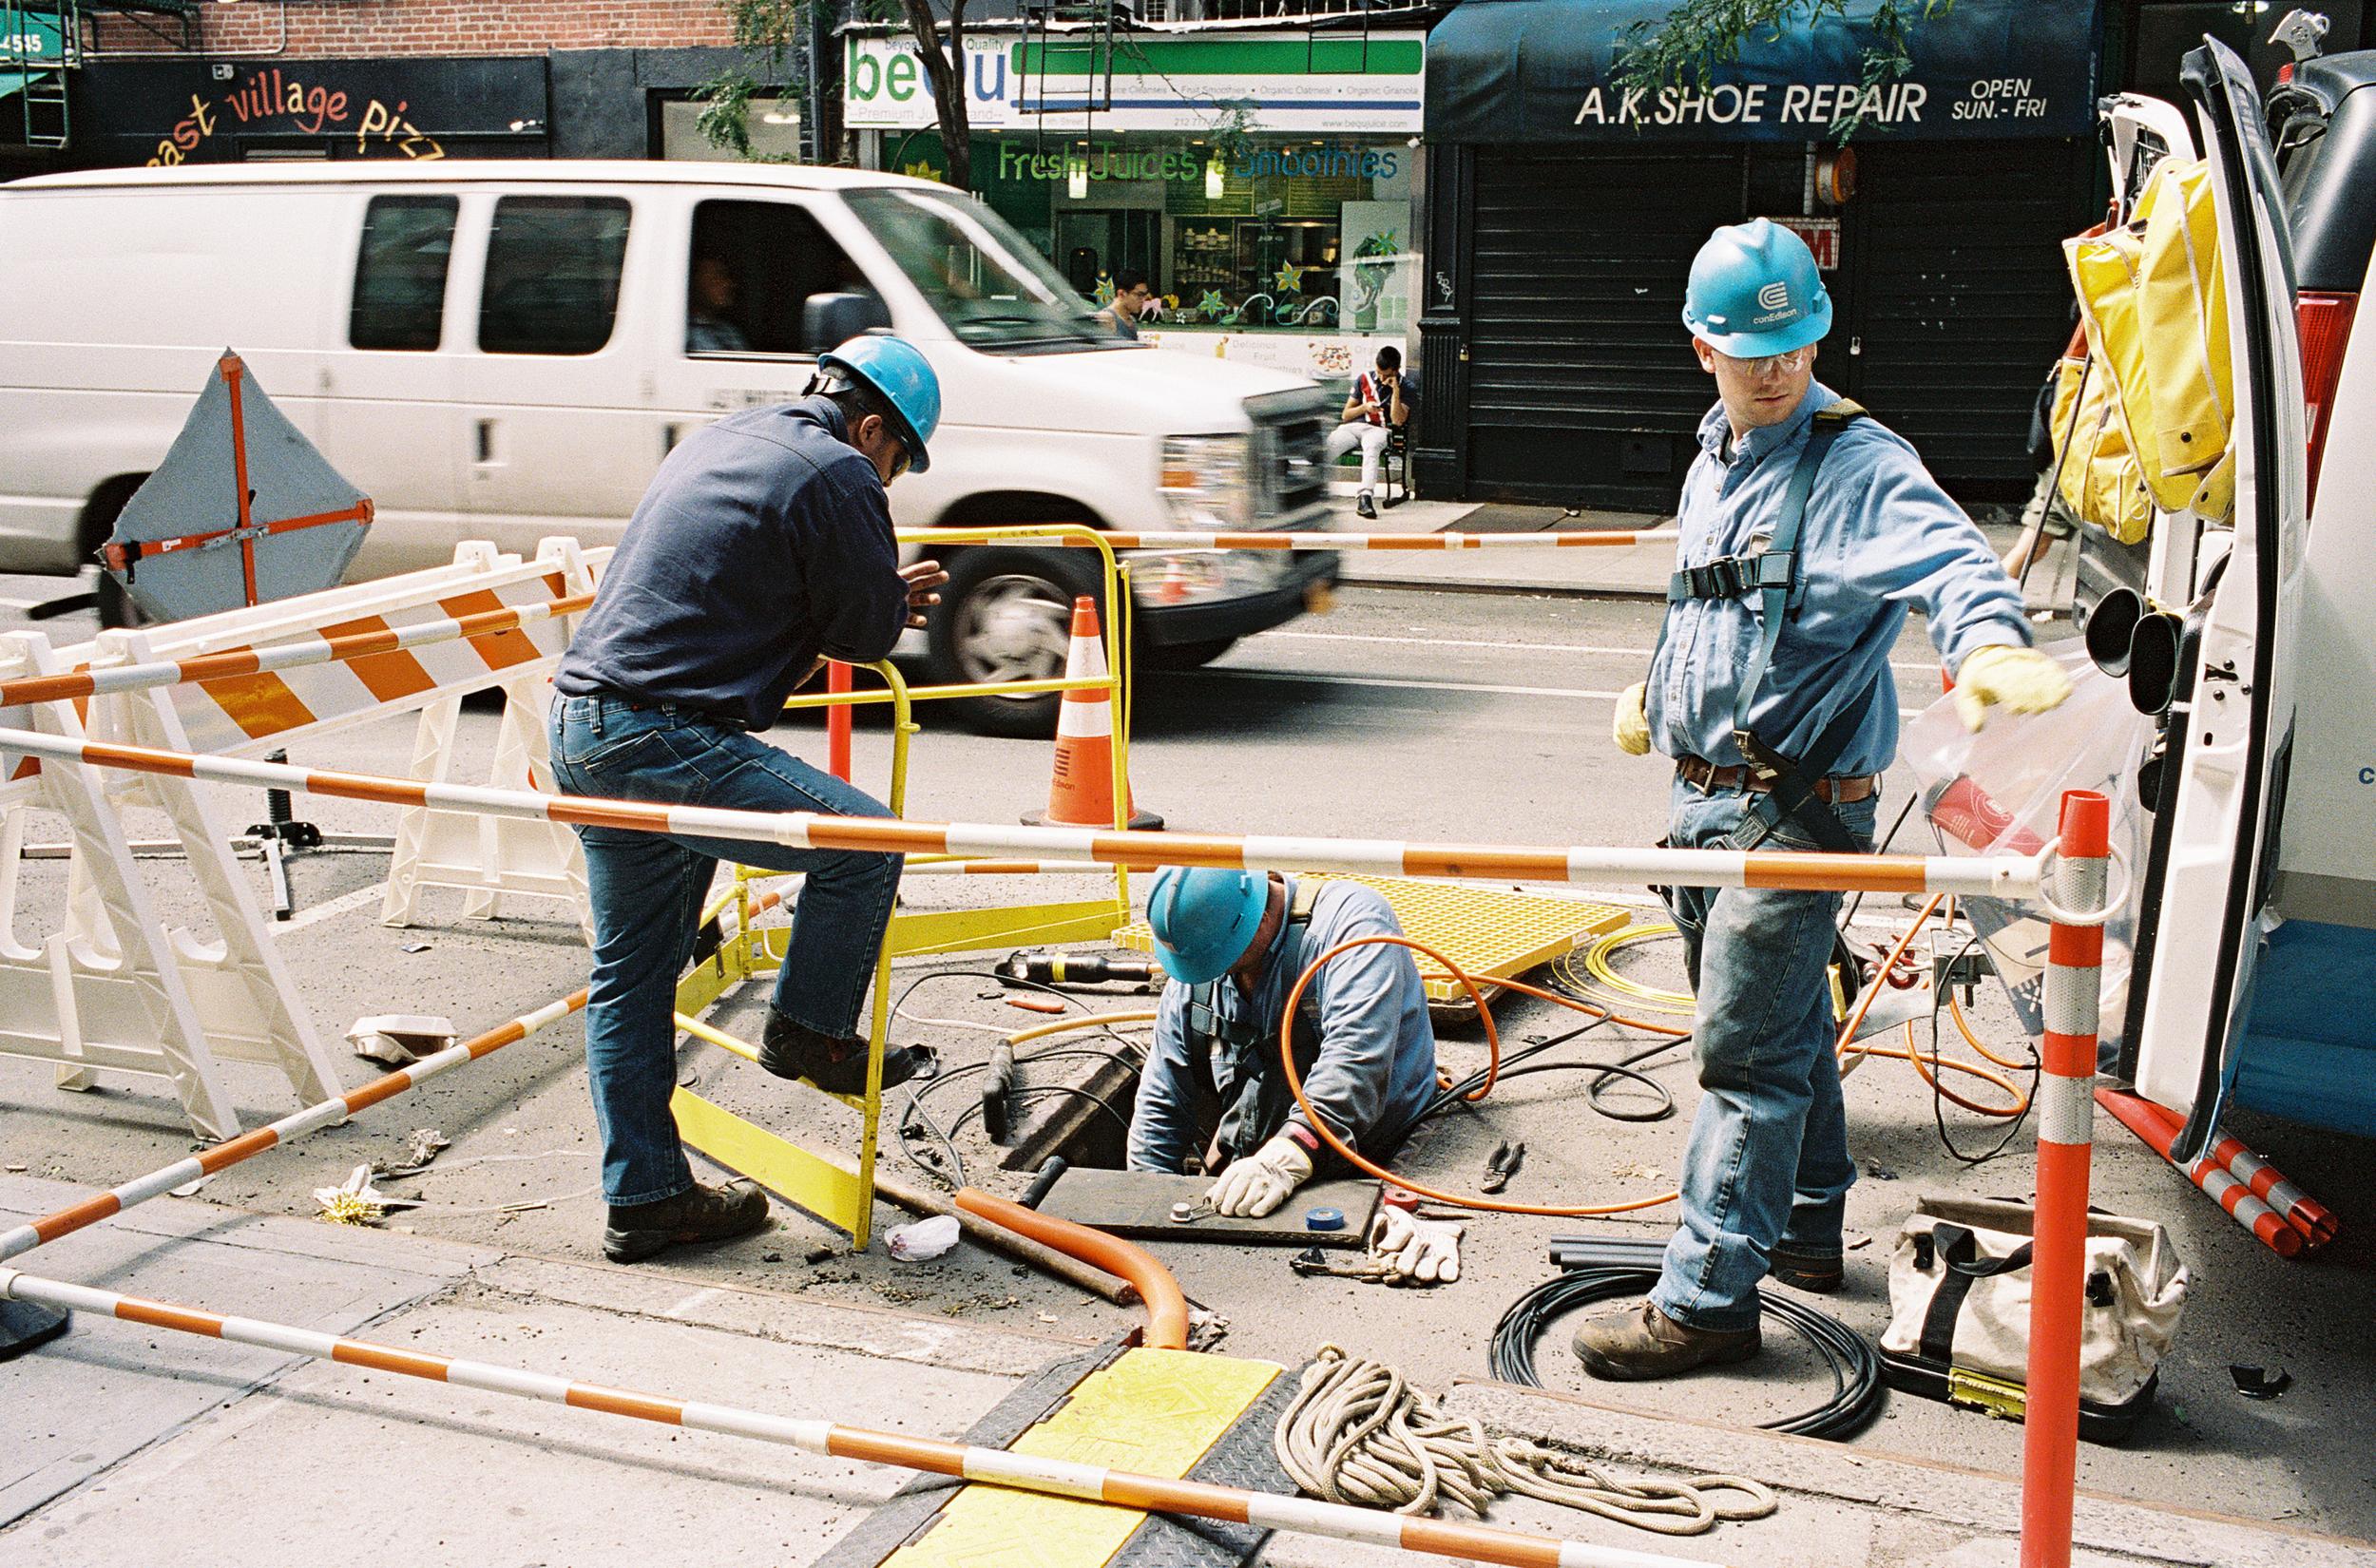 taking-in-new-york-21.jpg